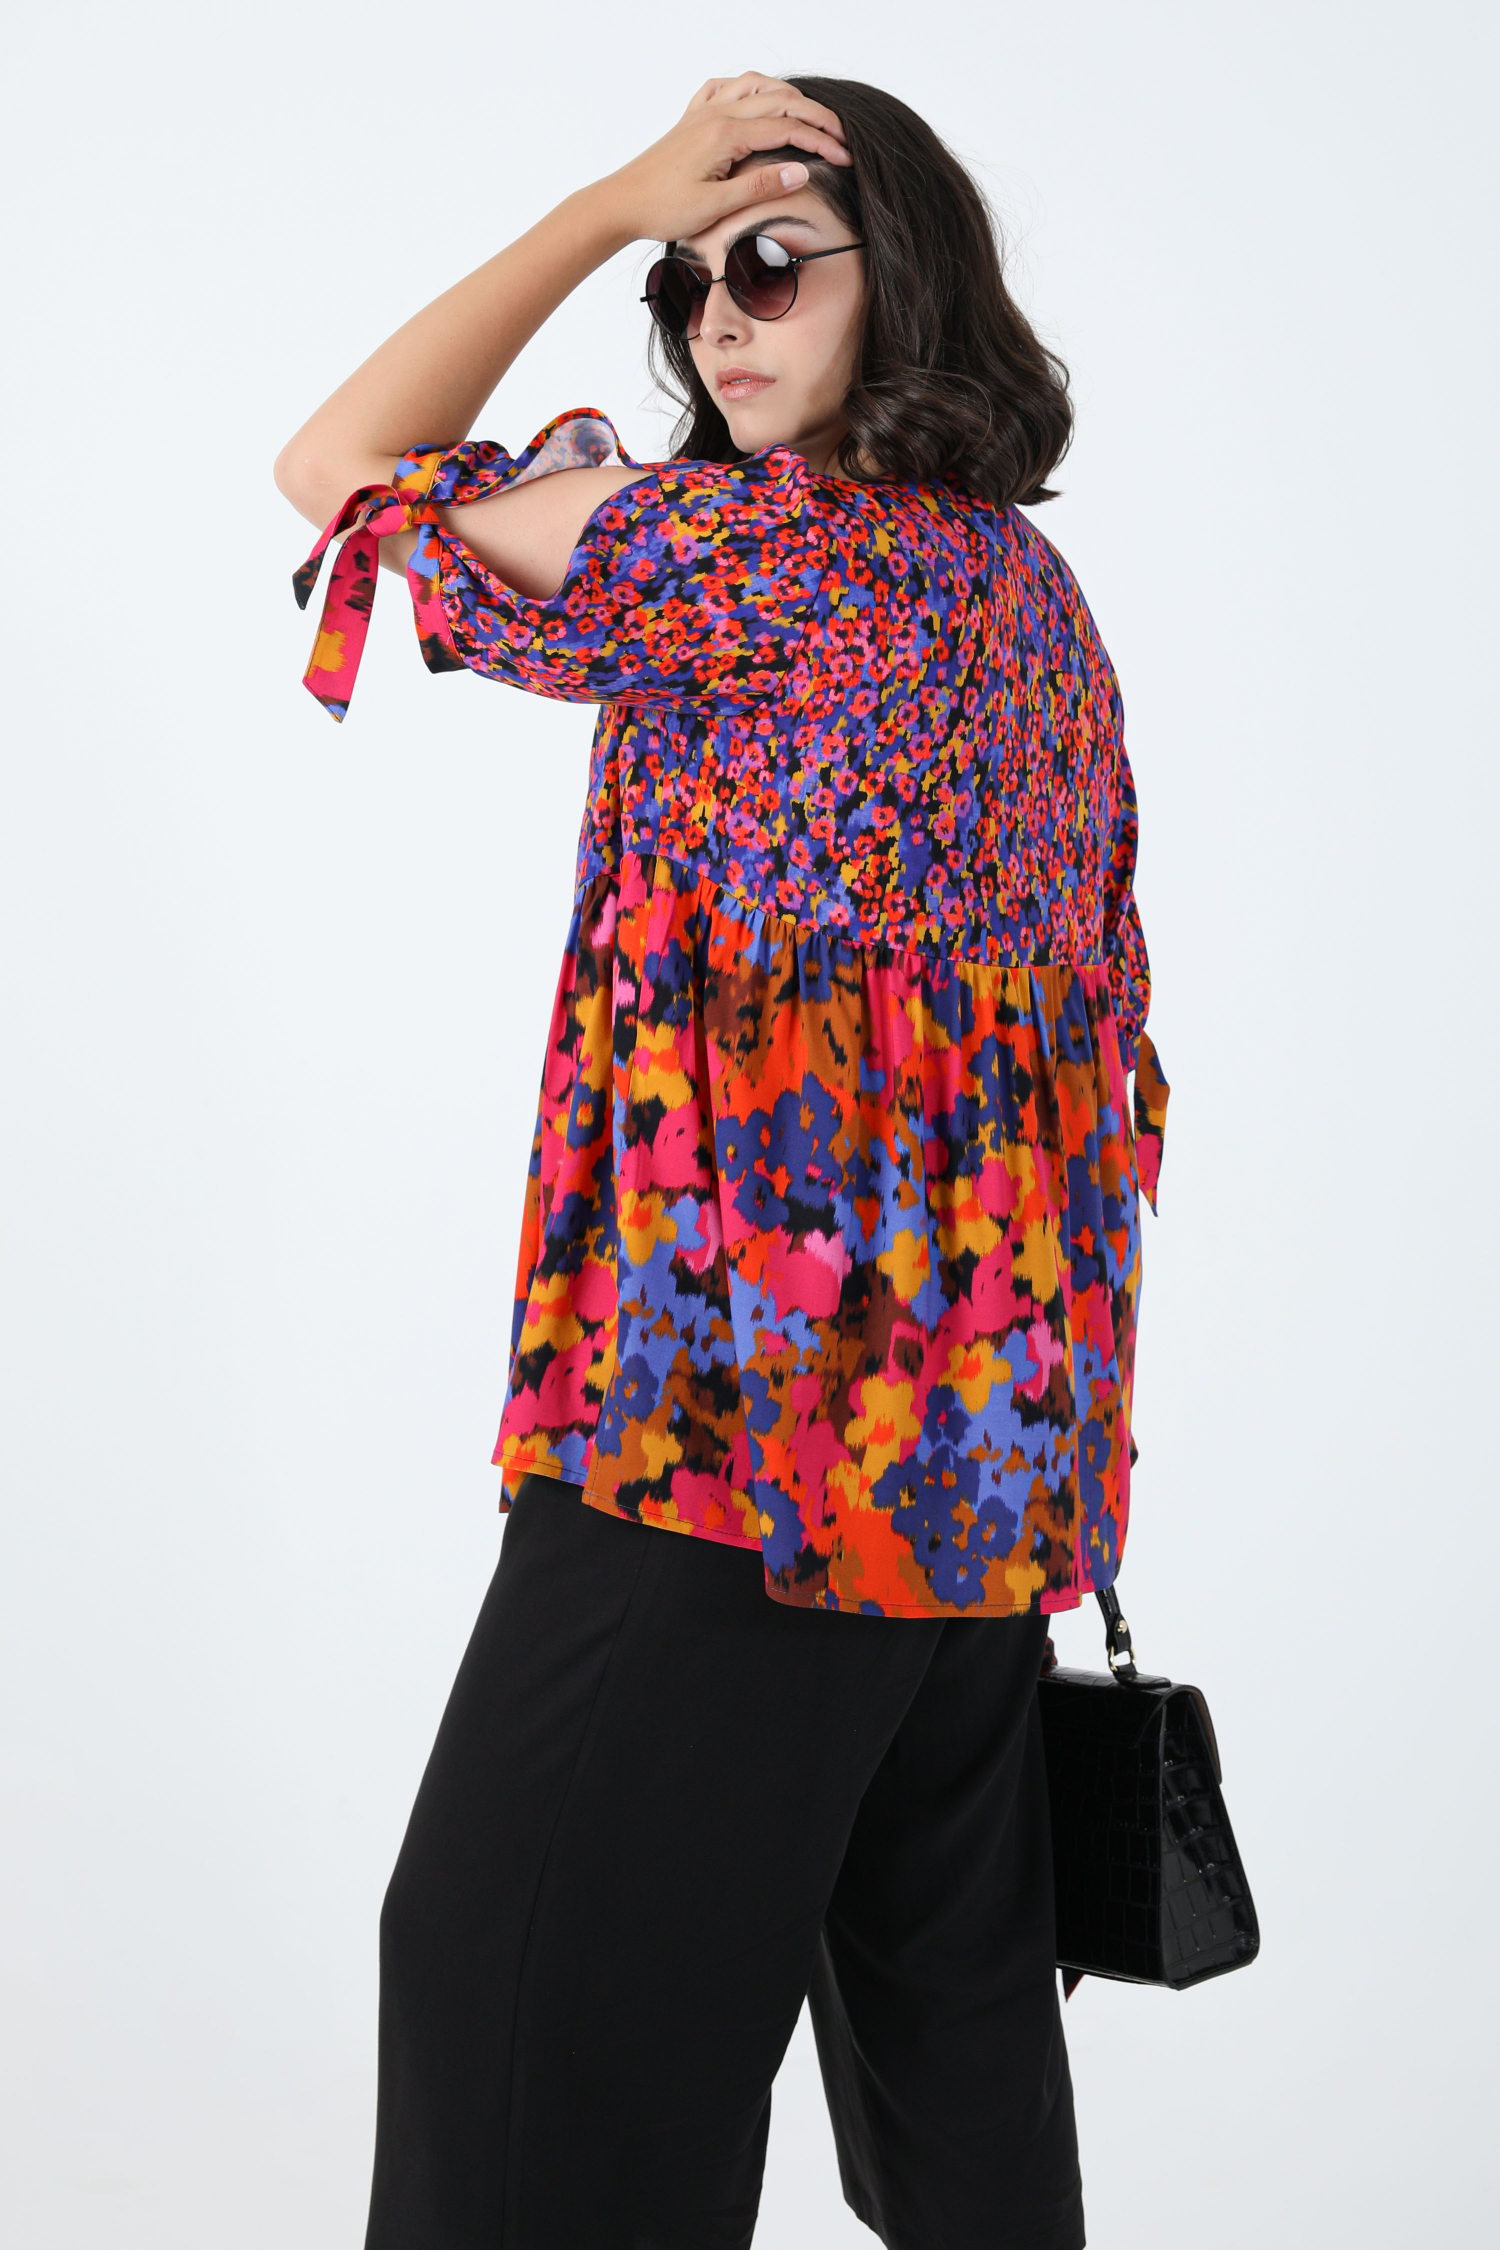 Bi-pattern printed tunic in eoko-tex fabric